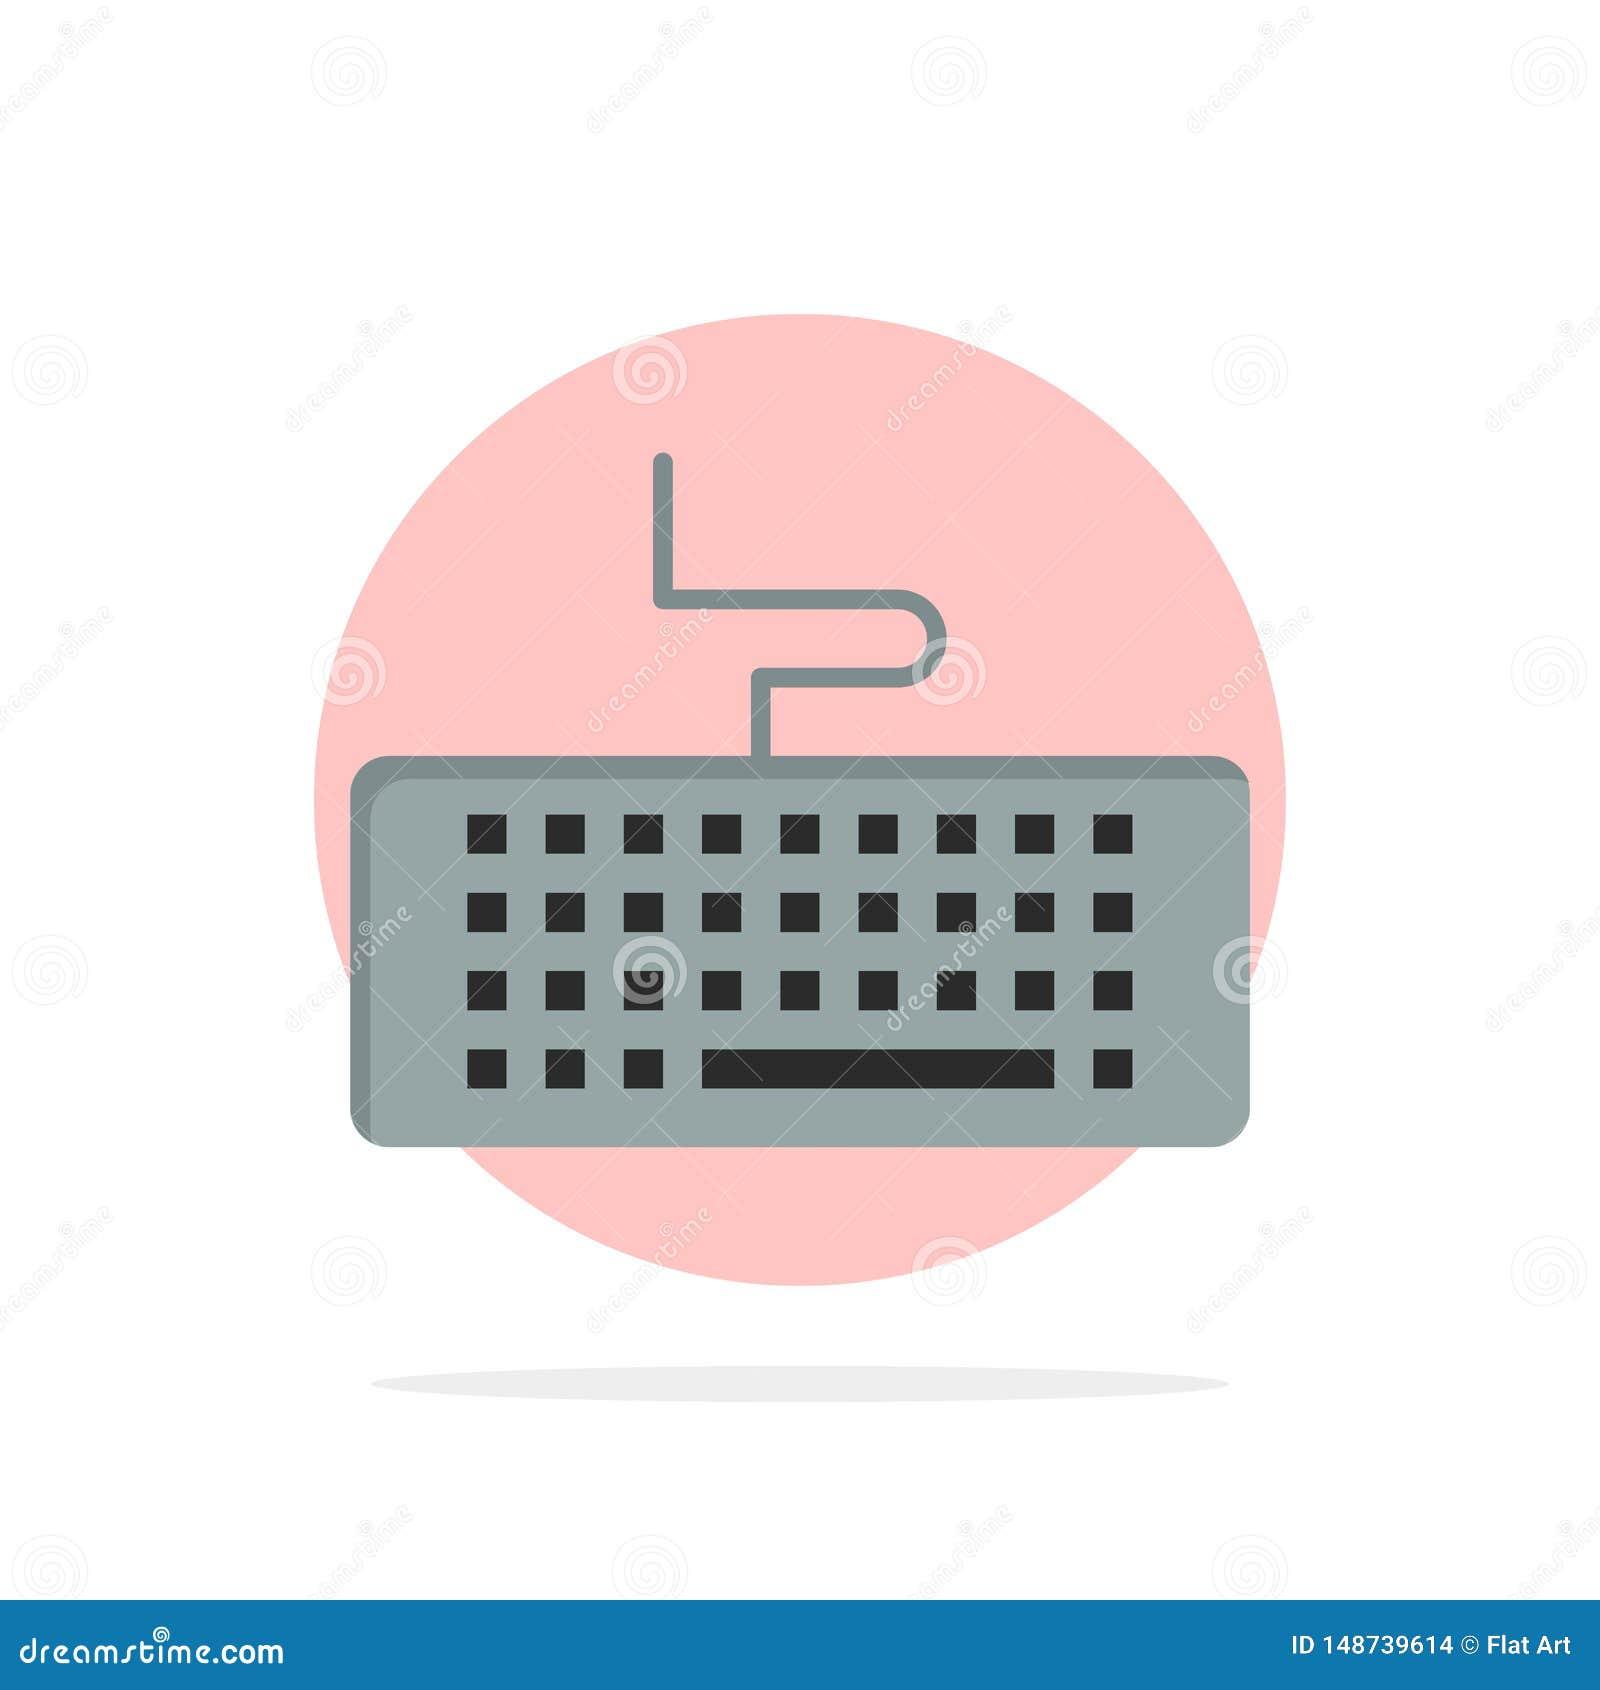 Sleutel, Toetsenbord, Hardware, van de Achtergrond onderwijs Abstract Cirkel Vlak kleurenpictogram